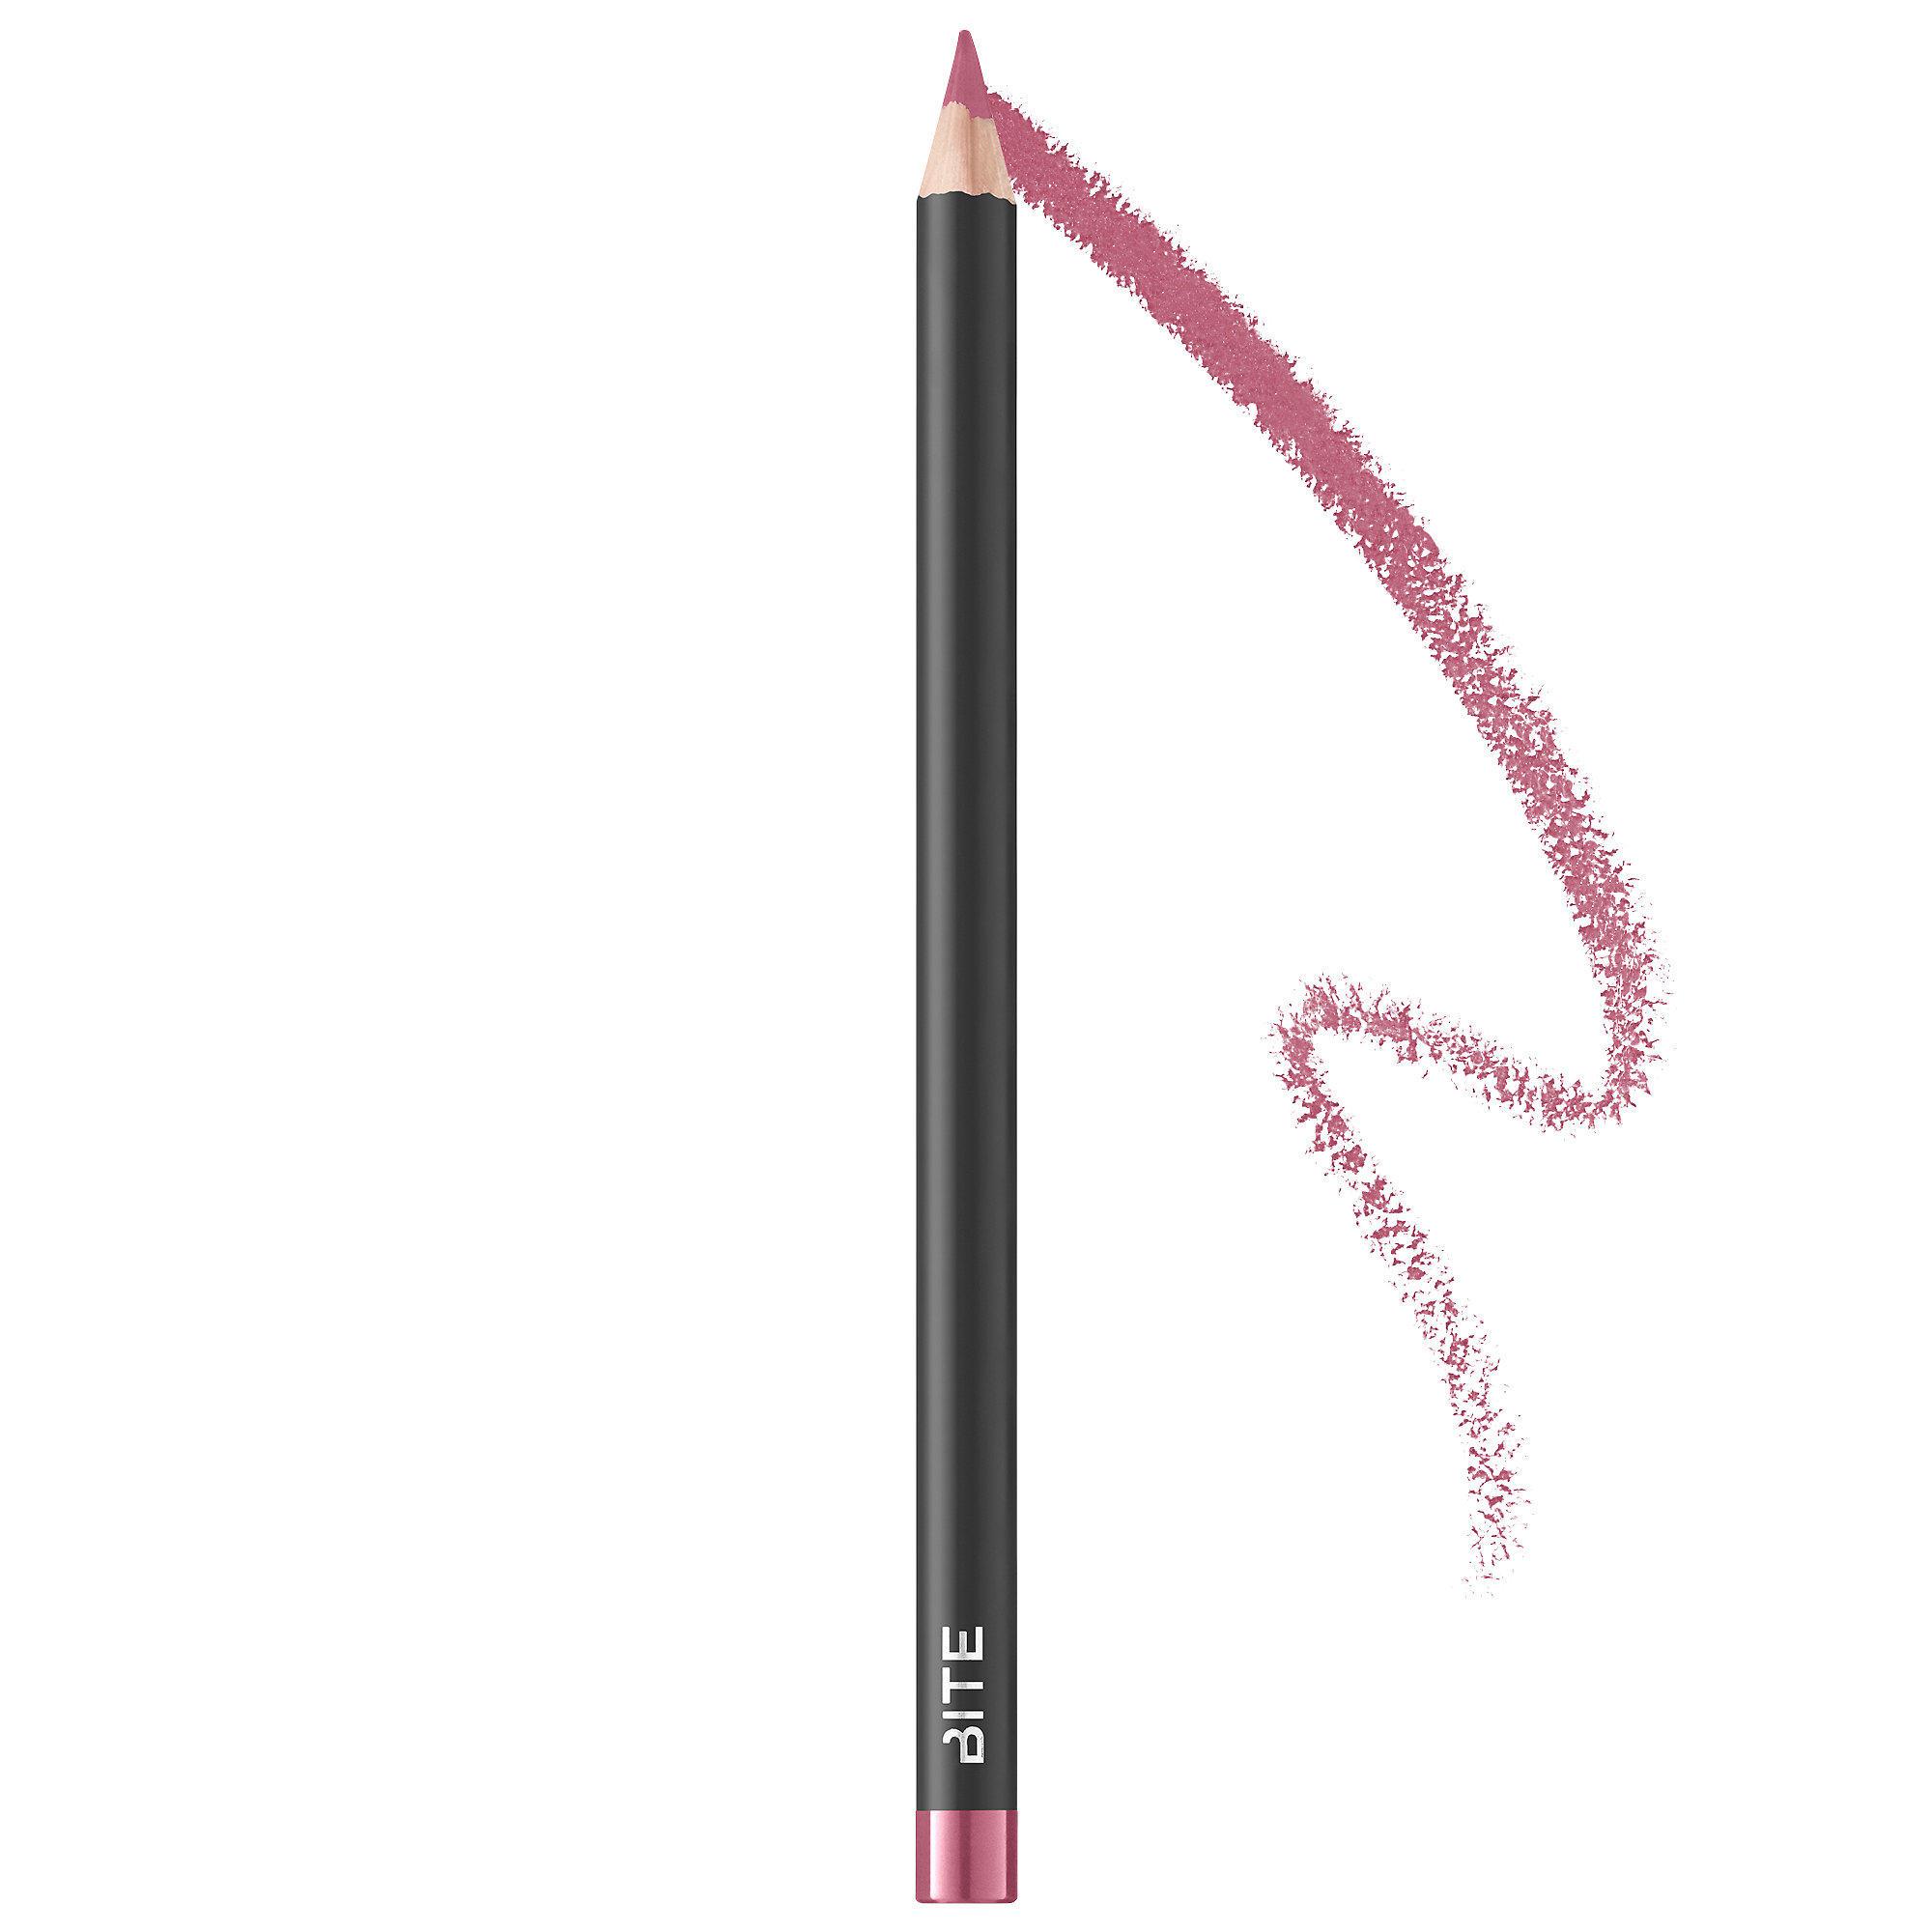 Bite Beauty The Lip Pencil Nude Rose 024